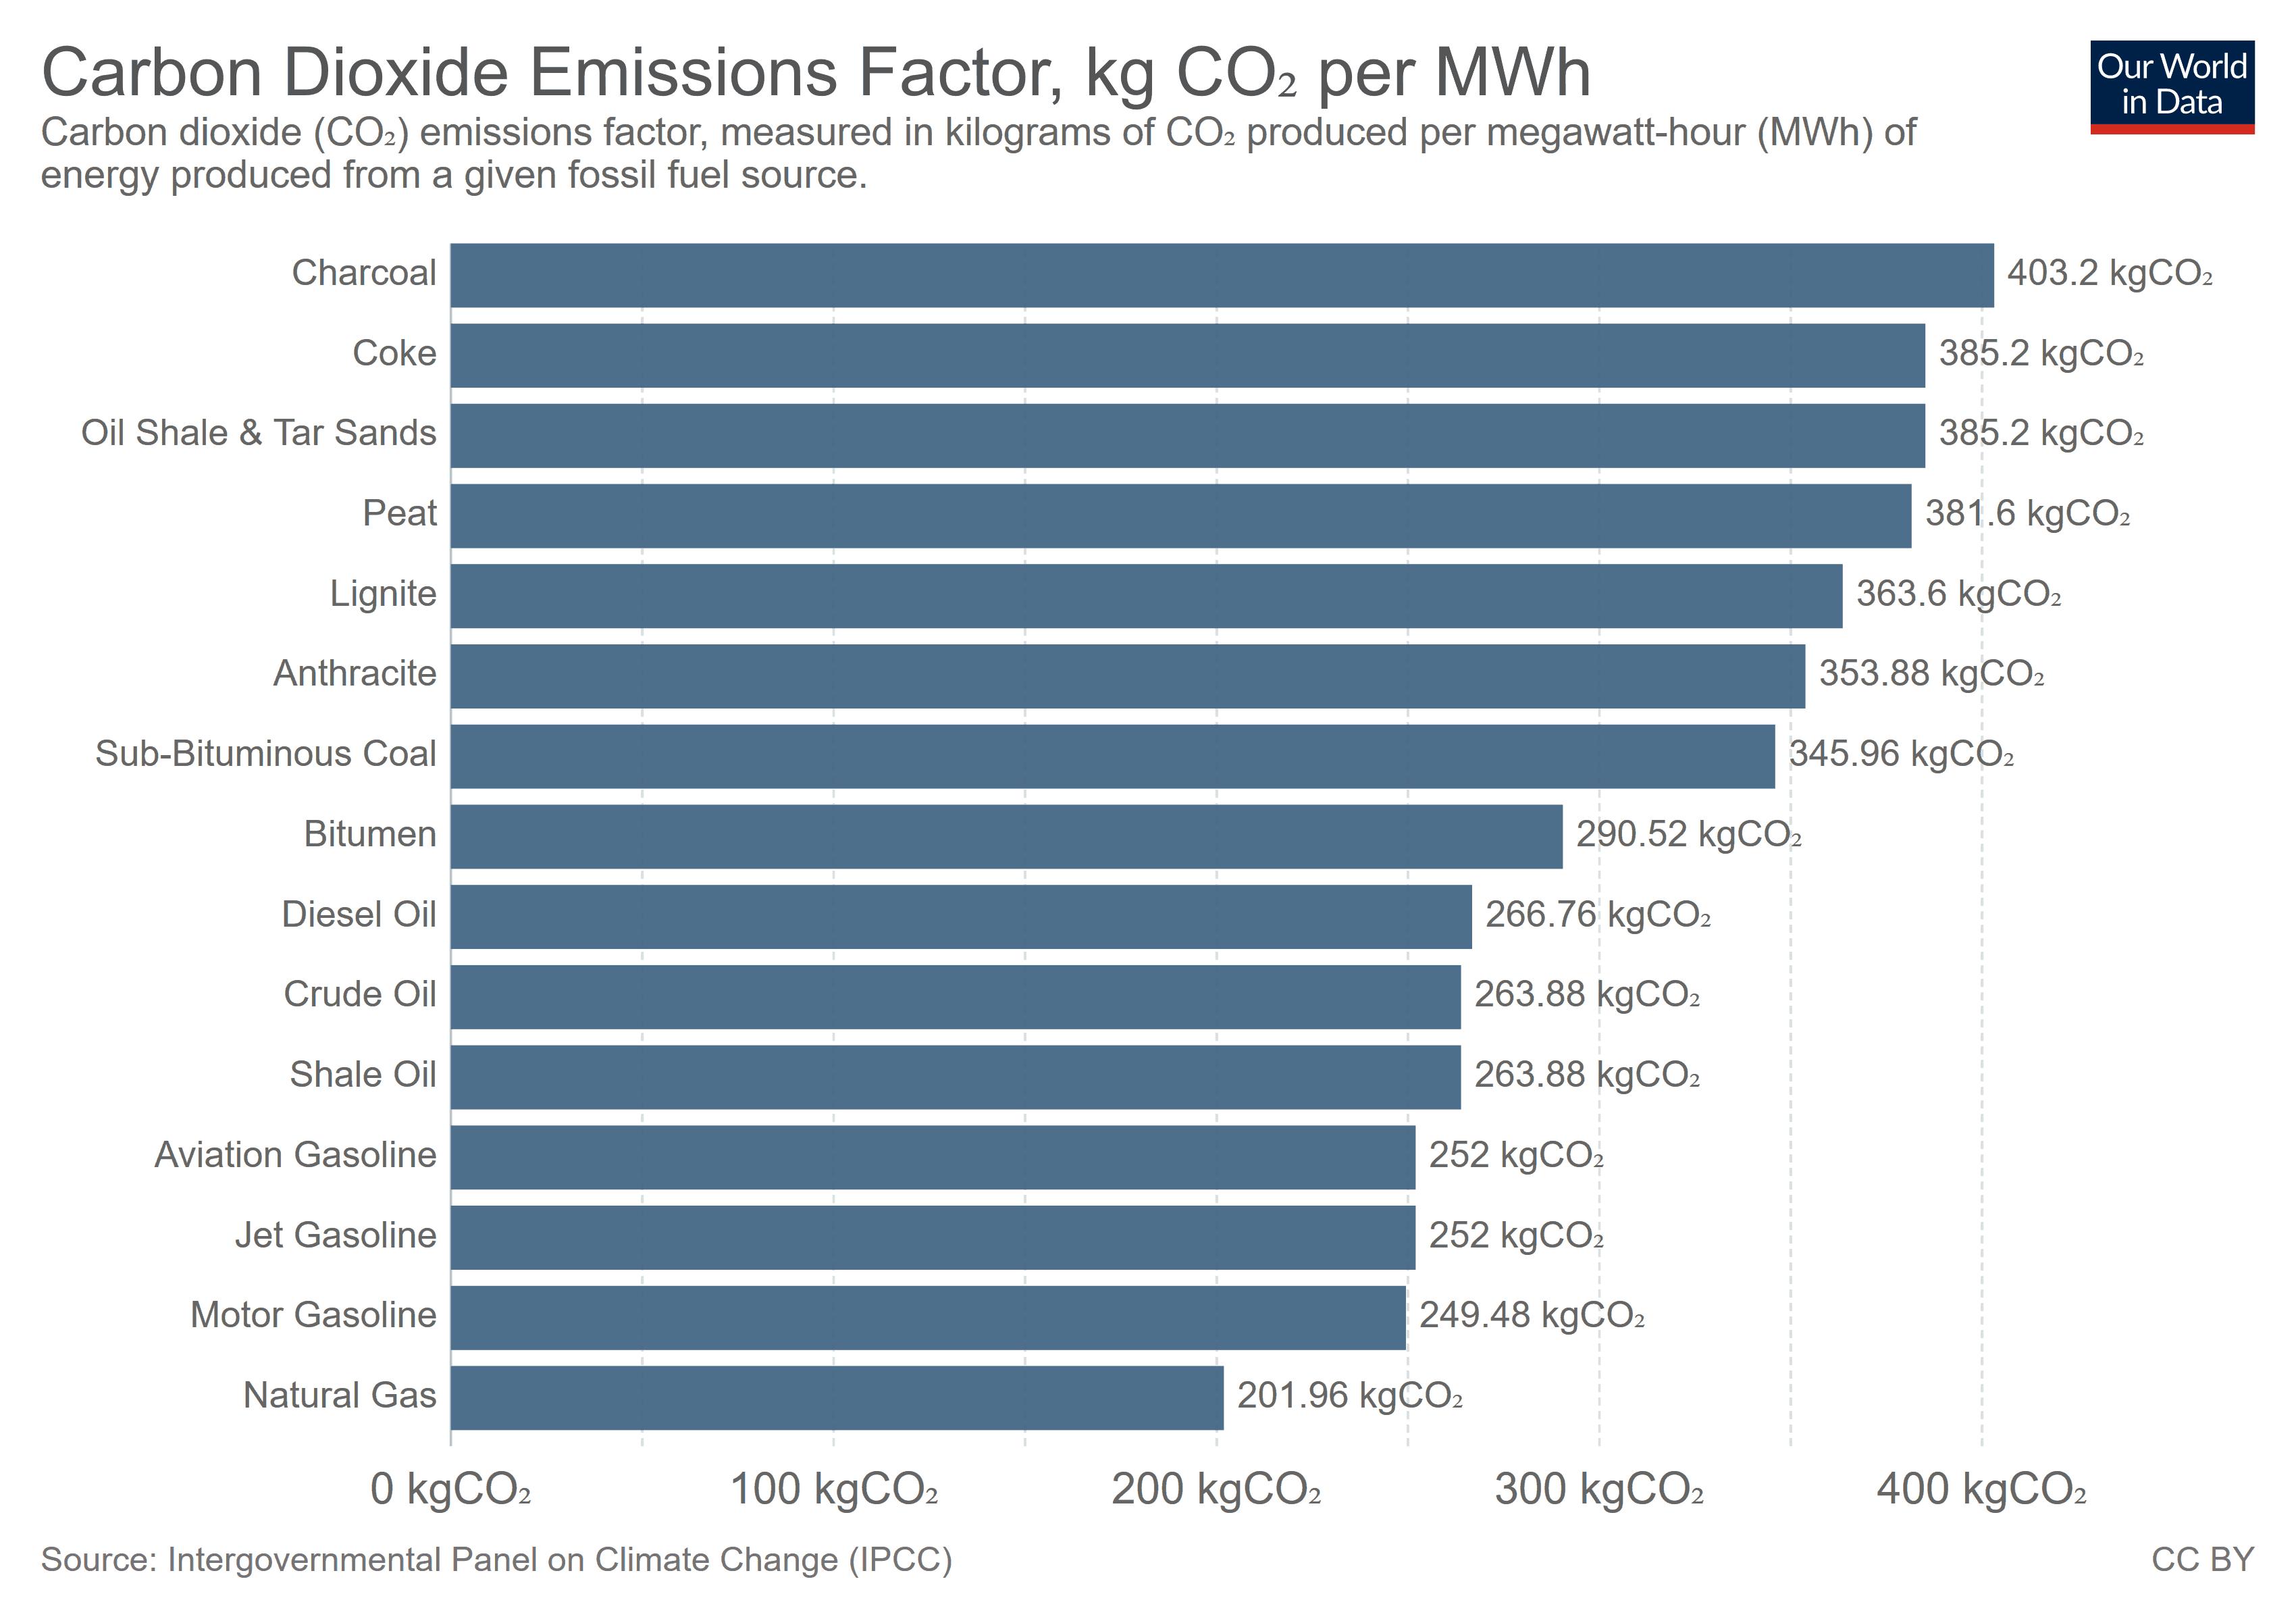 Carbon Dioxide emissions factor